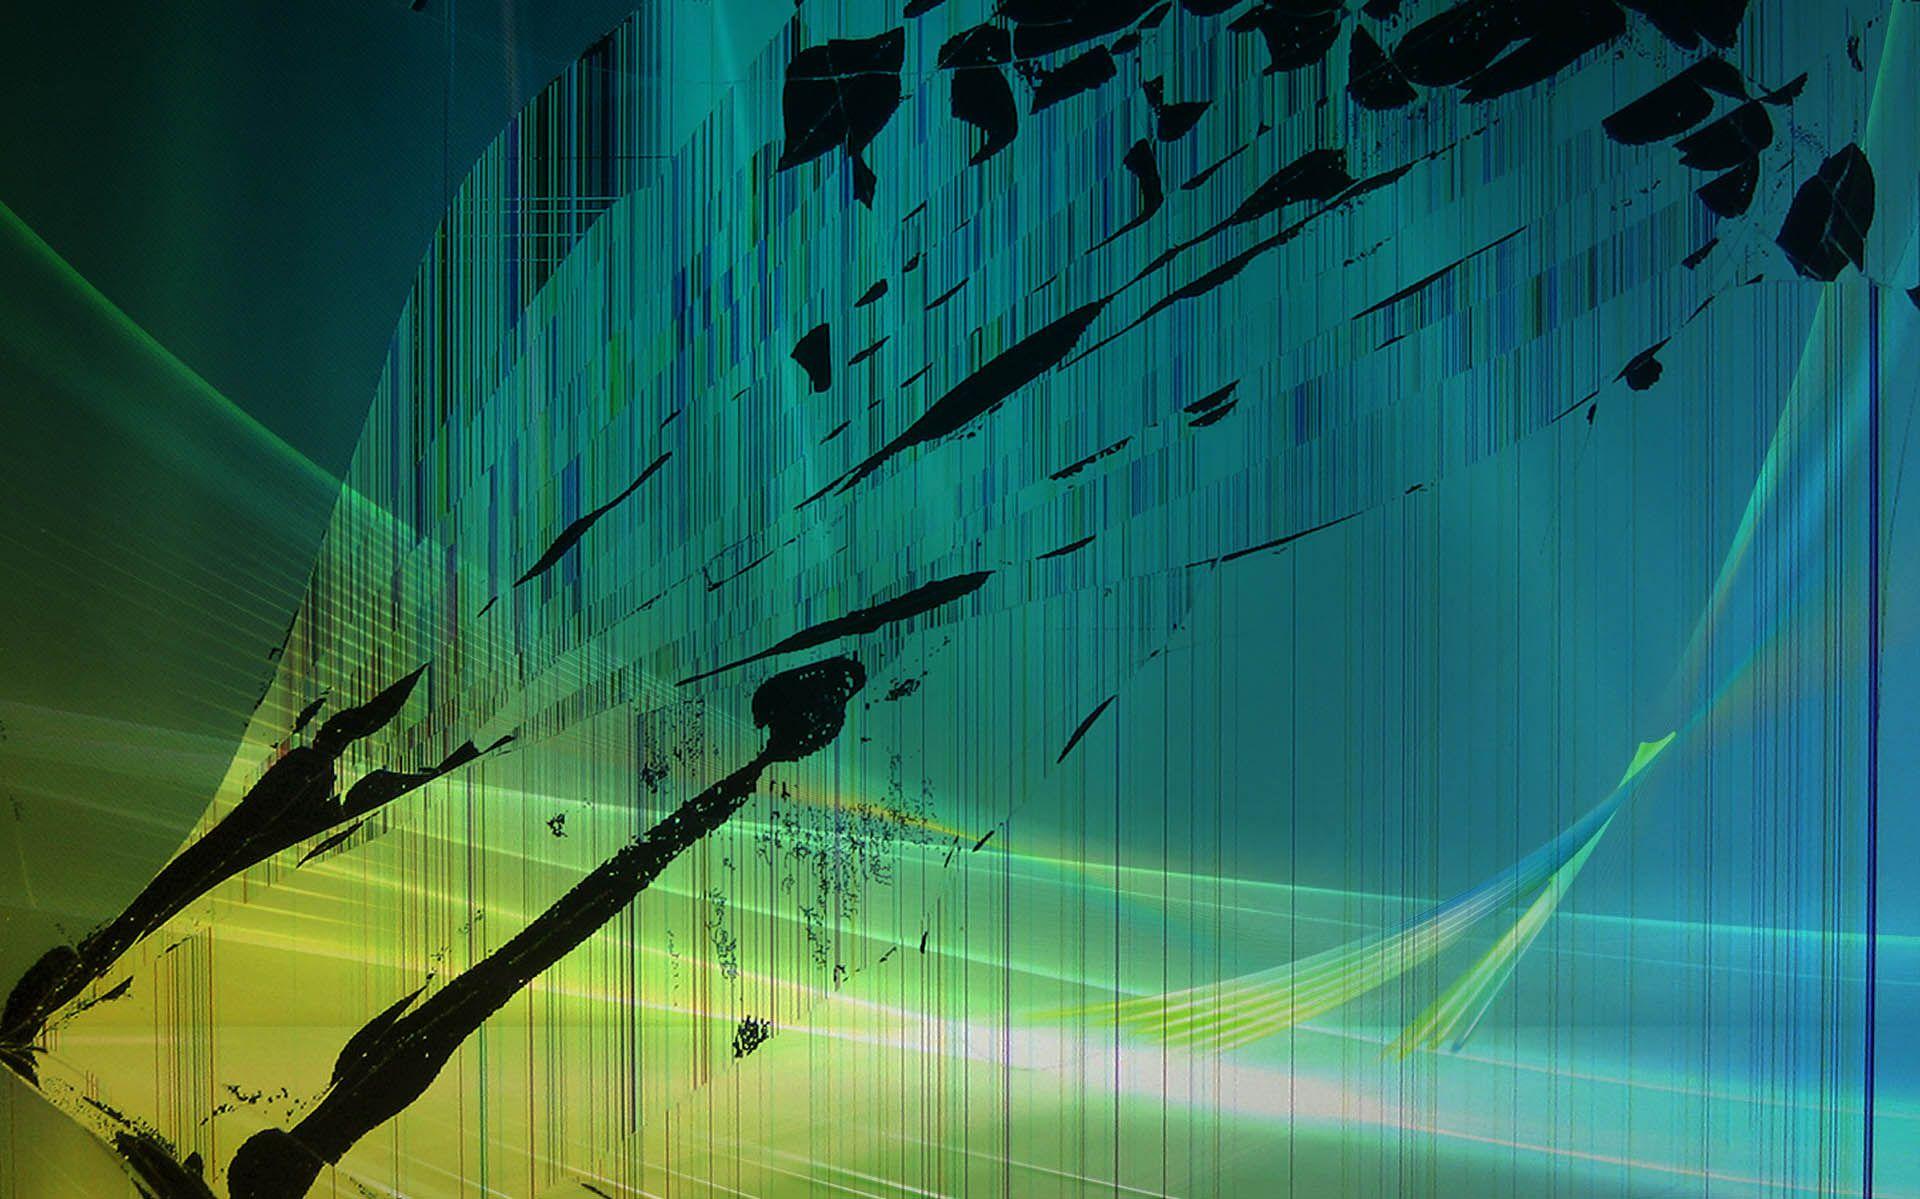 Broken Computer Screen Wallpaper In 2020 Broken Screen Wallpaper Screen Wallpaper Hd Phone Screen Wallpaper